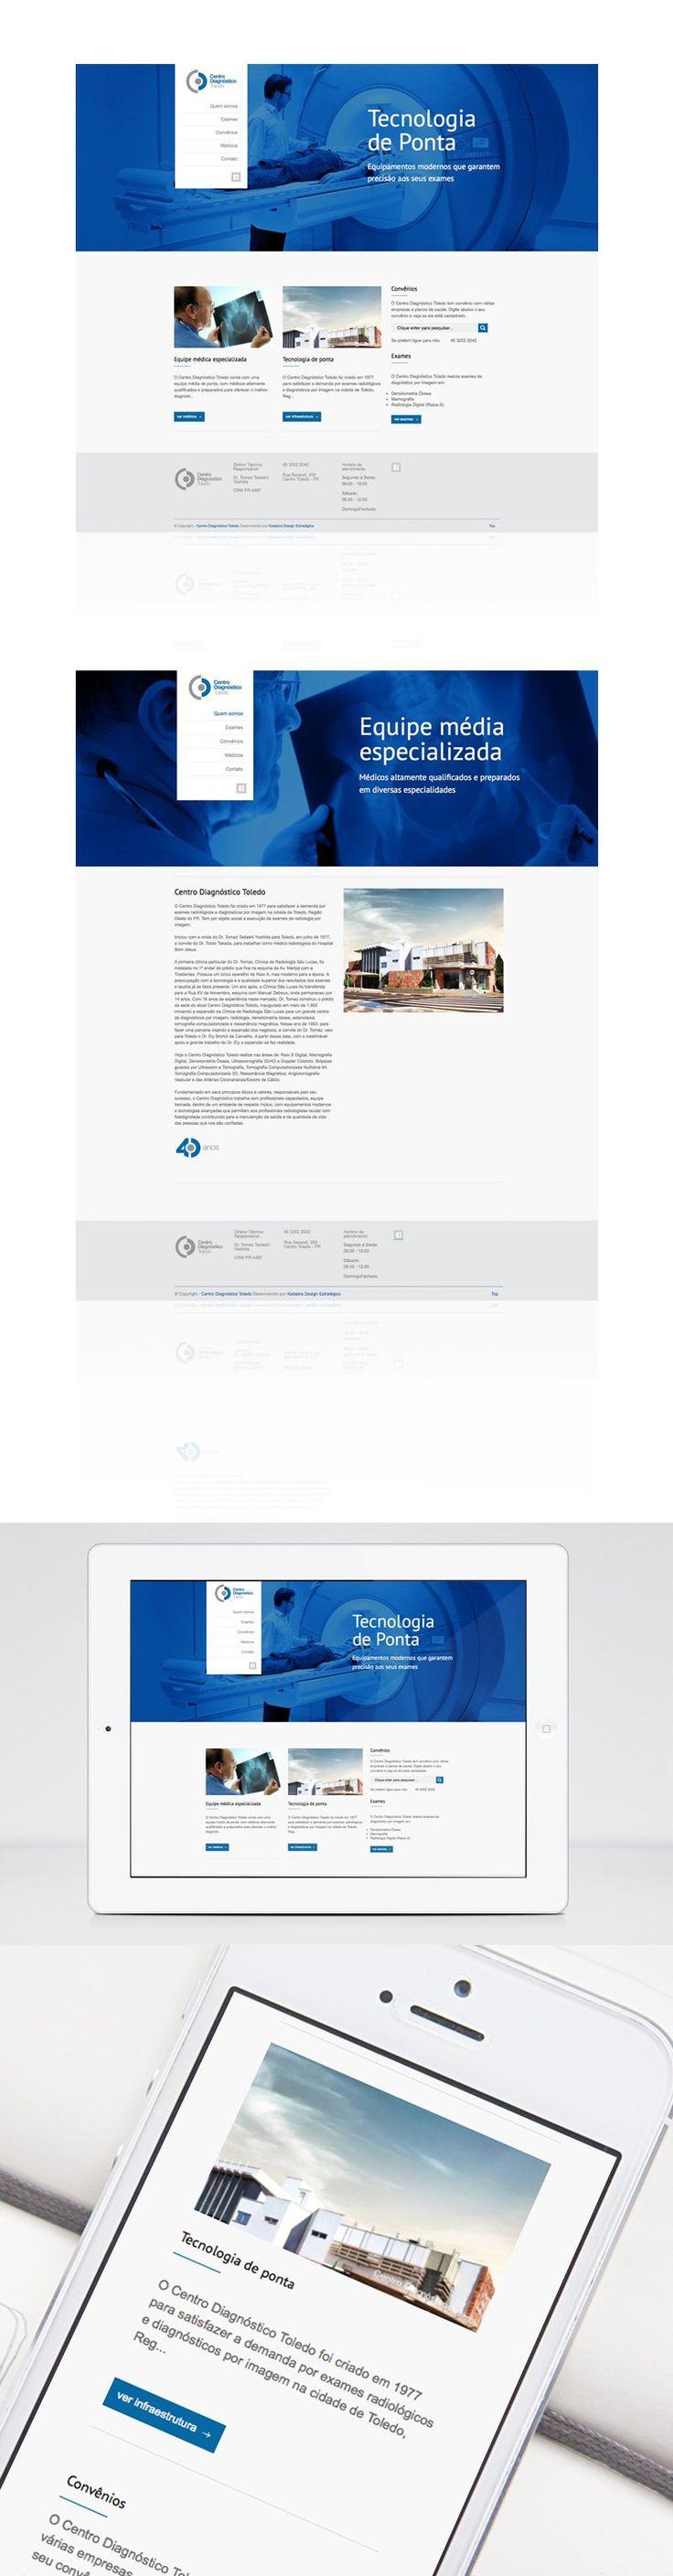 Projeto de web design responsivo. Site do Centro Diagnóstico Toledo desenvolvido pela Kadabra Design Estratégico.